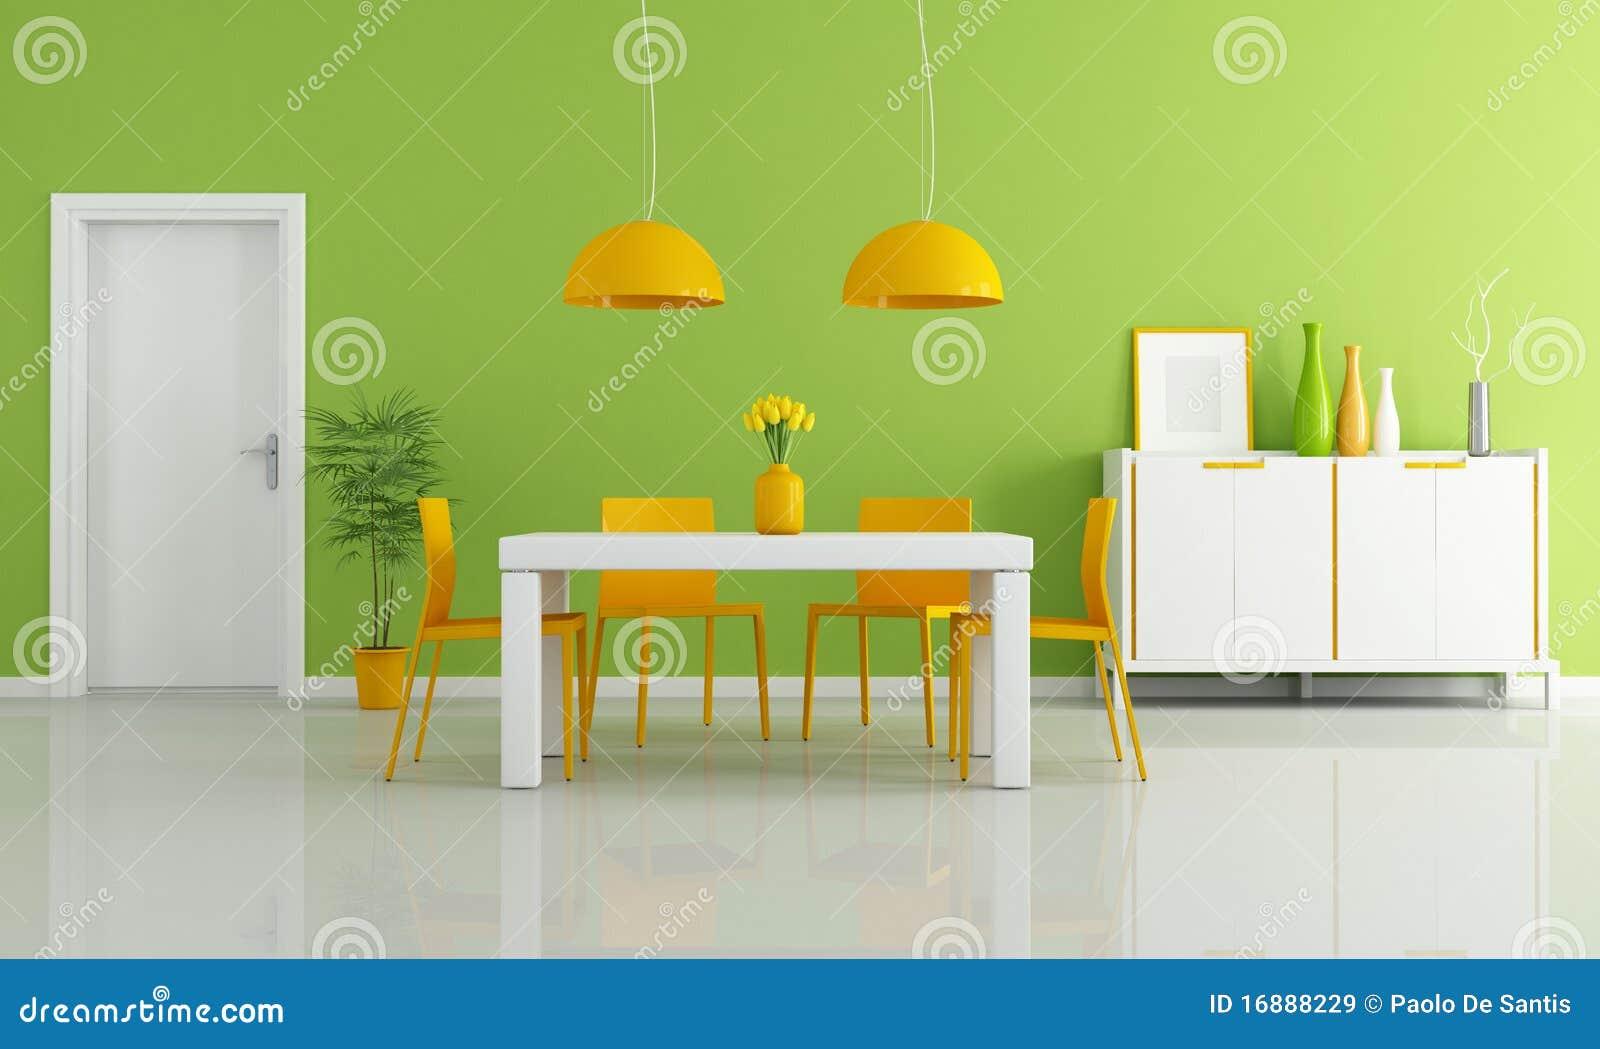 Sala Da Pranzo Moderna Colorata Immagini Stock Libere Da Diritti  #BF8A0C 1300 870 Sala Da Pranzo Modello Regina